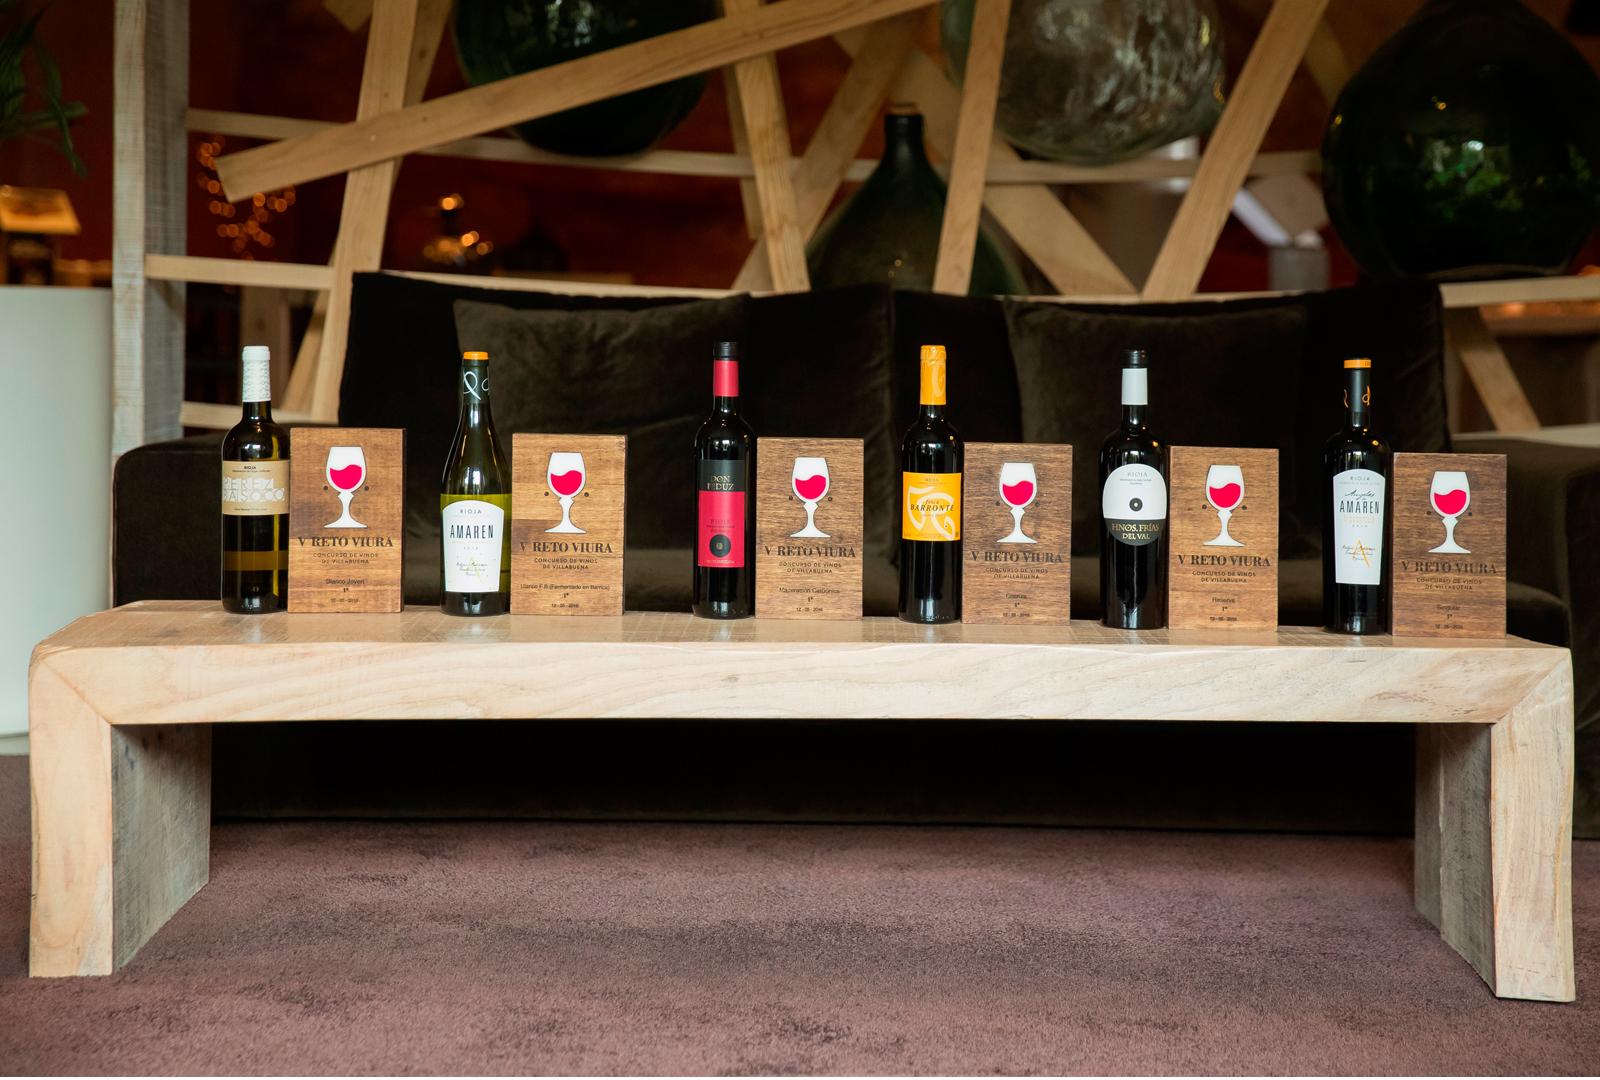 Los mejores vinos de villabuena de lava vinos tintos for Villabuena de alava